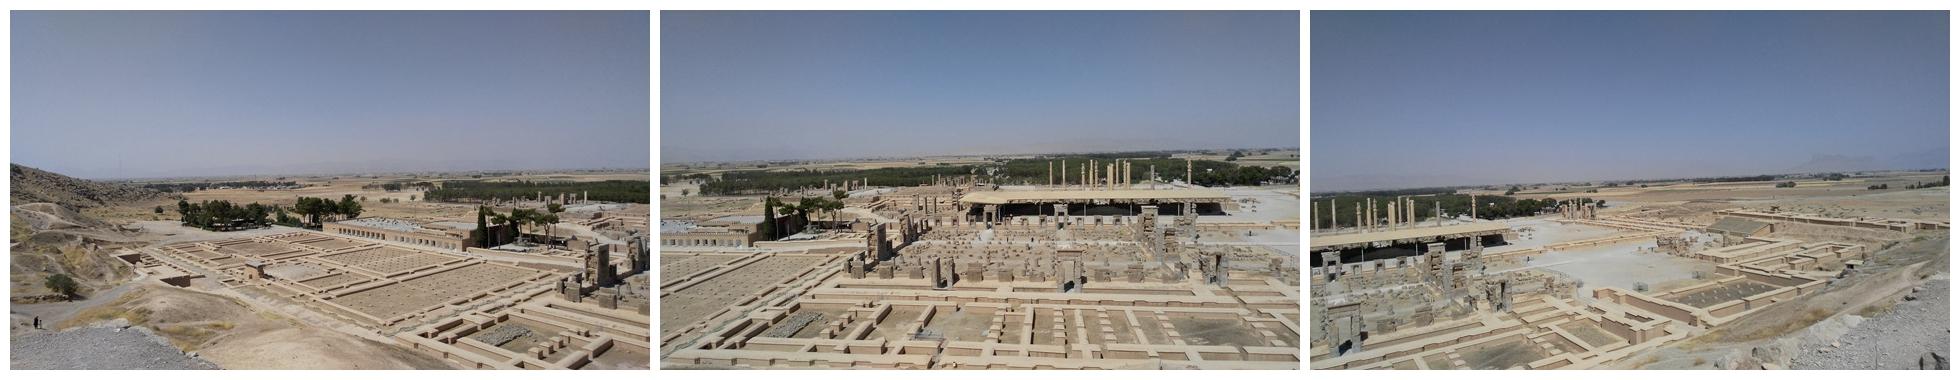 波斯波利斯,意思是波斯之都,伊朗人稱之為塔赫特賈姆希德,即賈姆希德御座,賈姆希德是古波斯語神話中王的名字。1979年被聯合國教科文組織列入世界文化遺產名錄,見証了古阿契美尼德帝國從興盛走向滅亡的歷史。東鄰庫拉馬特山,其余三面是城牆,城牆依山勢而高度不同。城內王宮建于石頭台基上,主要建築物包括大會廳、覲見廳、宮殿、寶庫、儲藏室等。全部建築用暗灰色大石塊建成,外表常飾以大理石。王宮西城牆北端有兩處龐大的石頭階梯,其東邊是國王薛西斯所建的四方之門。 過了檢票口,從台階上山,就可以看到雄偉的萬國之門,石